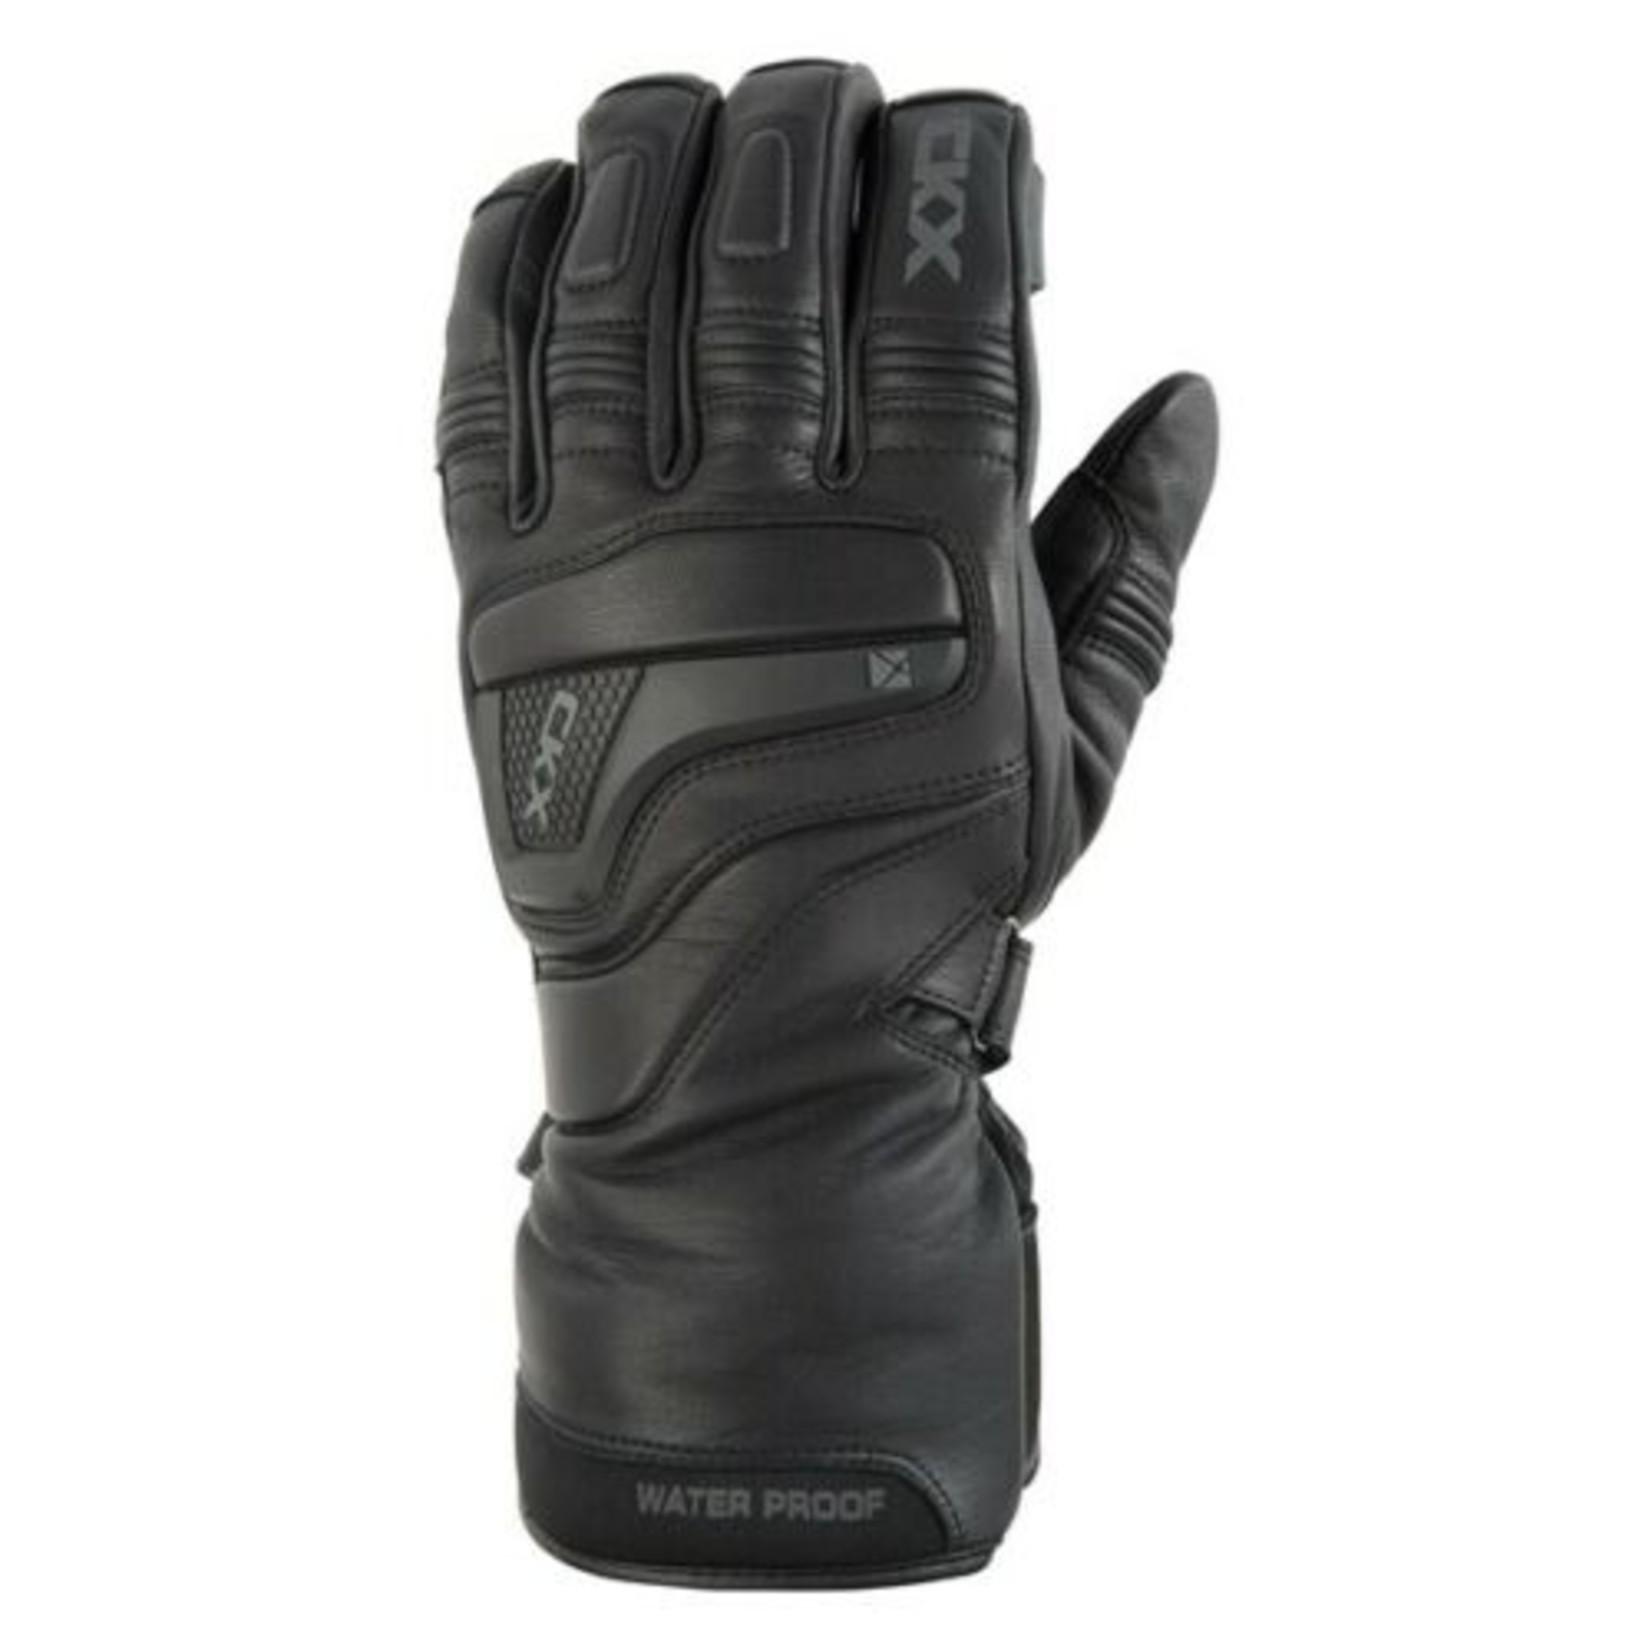 CKX CKX Alaska Glove Leather